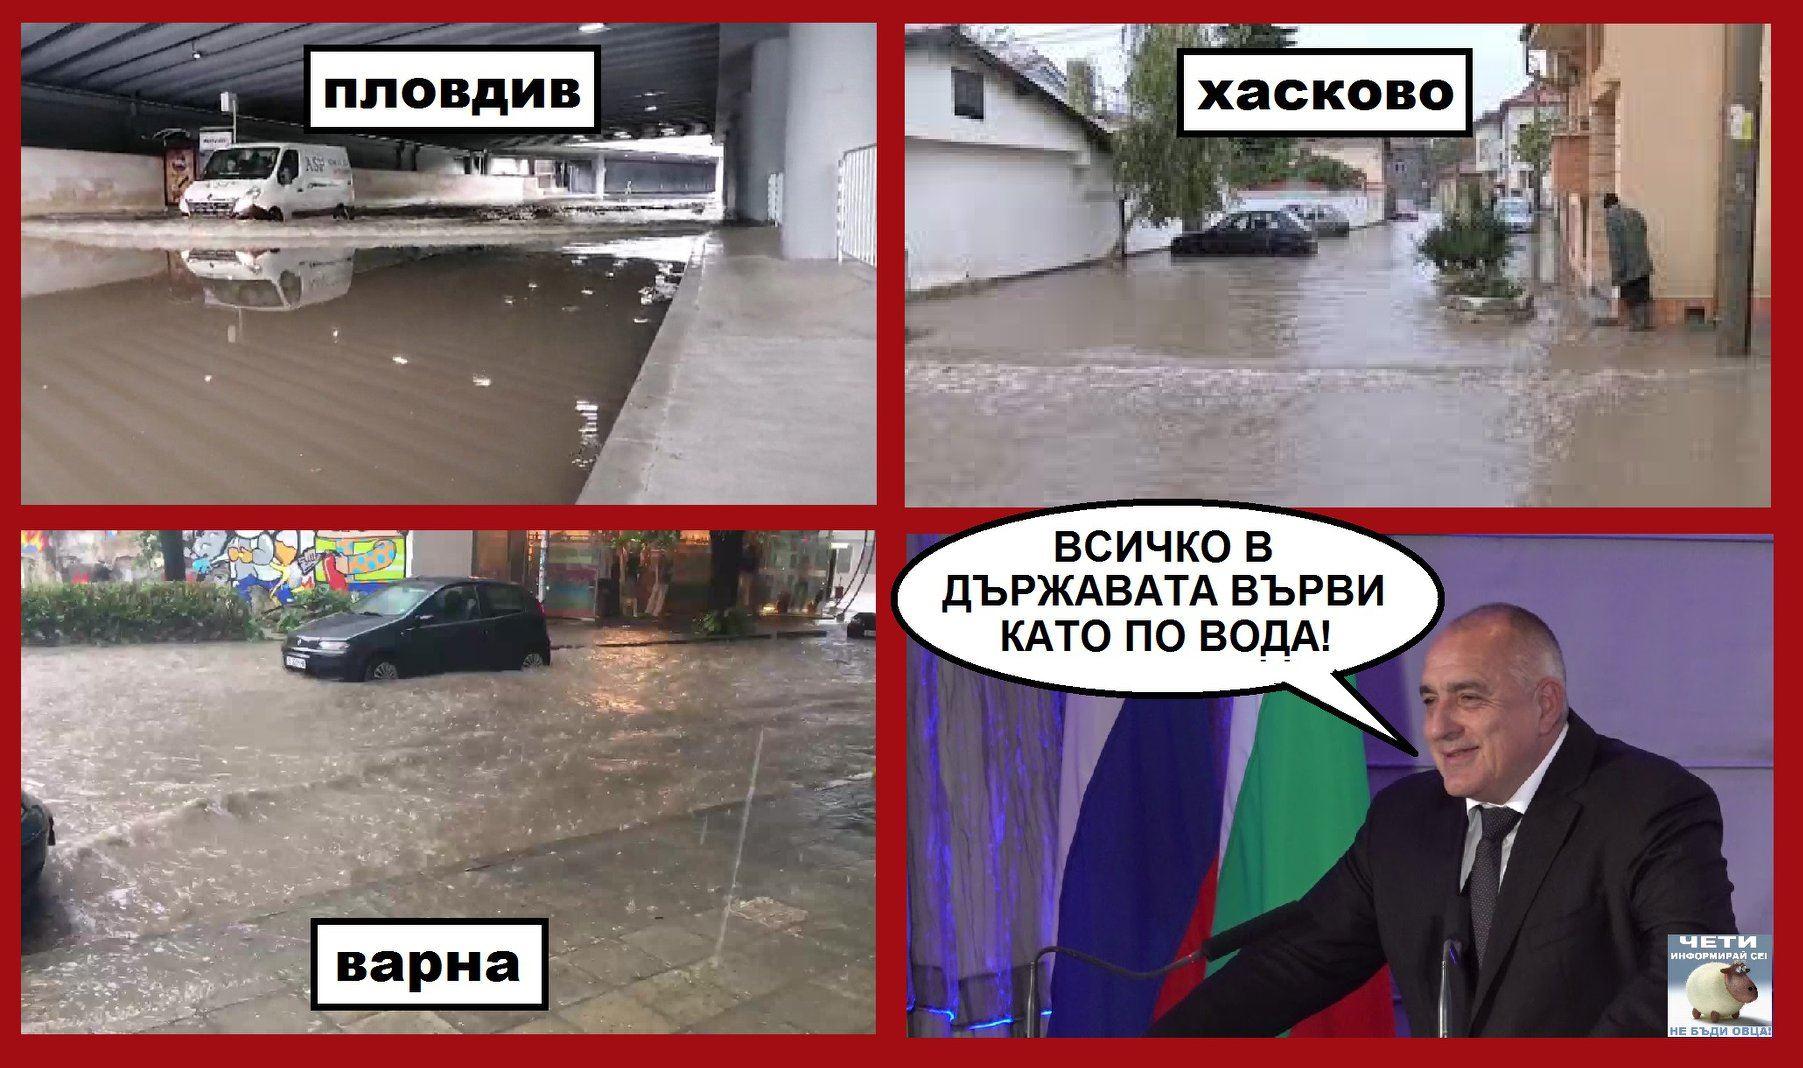 Пловдив, Хасково, Варна, всичко в държавата върви като по вода